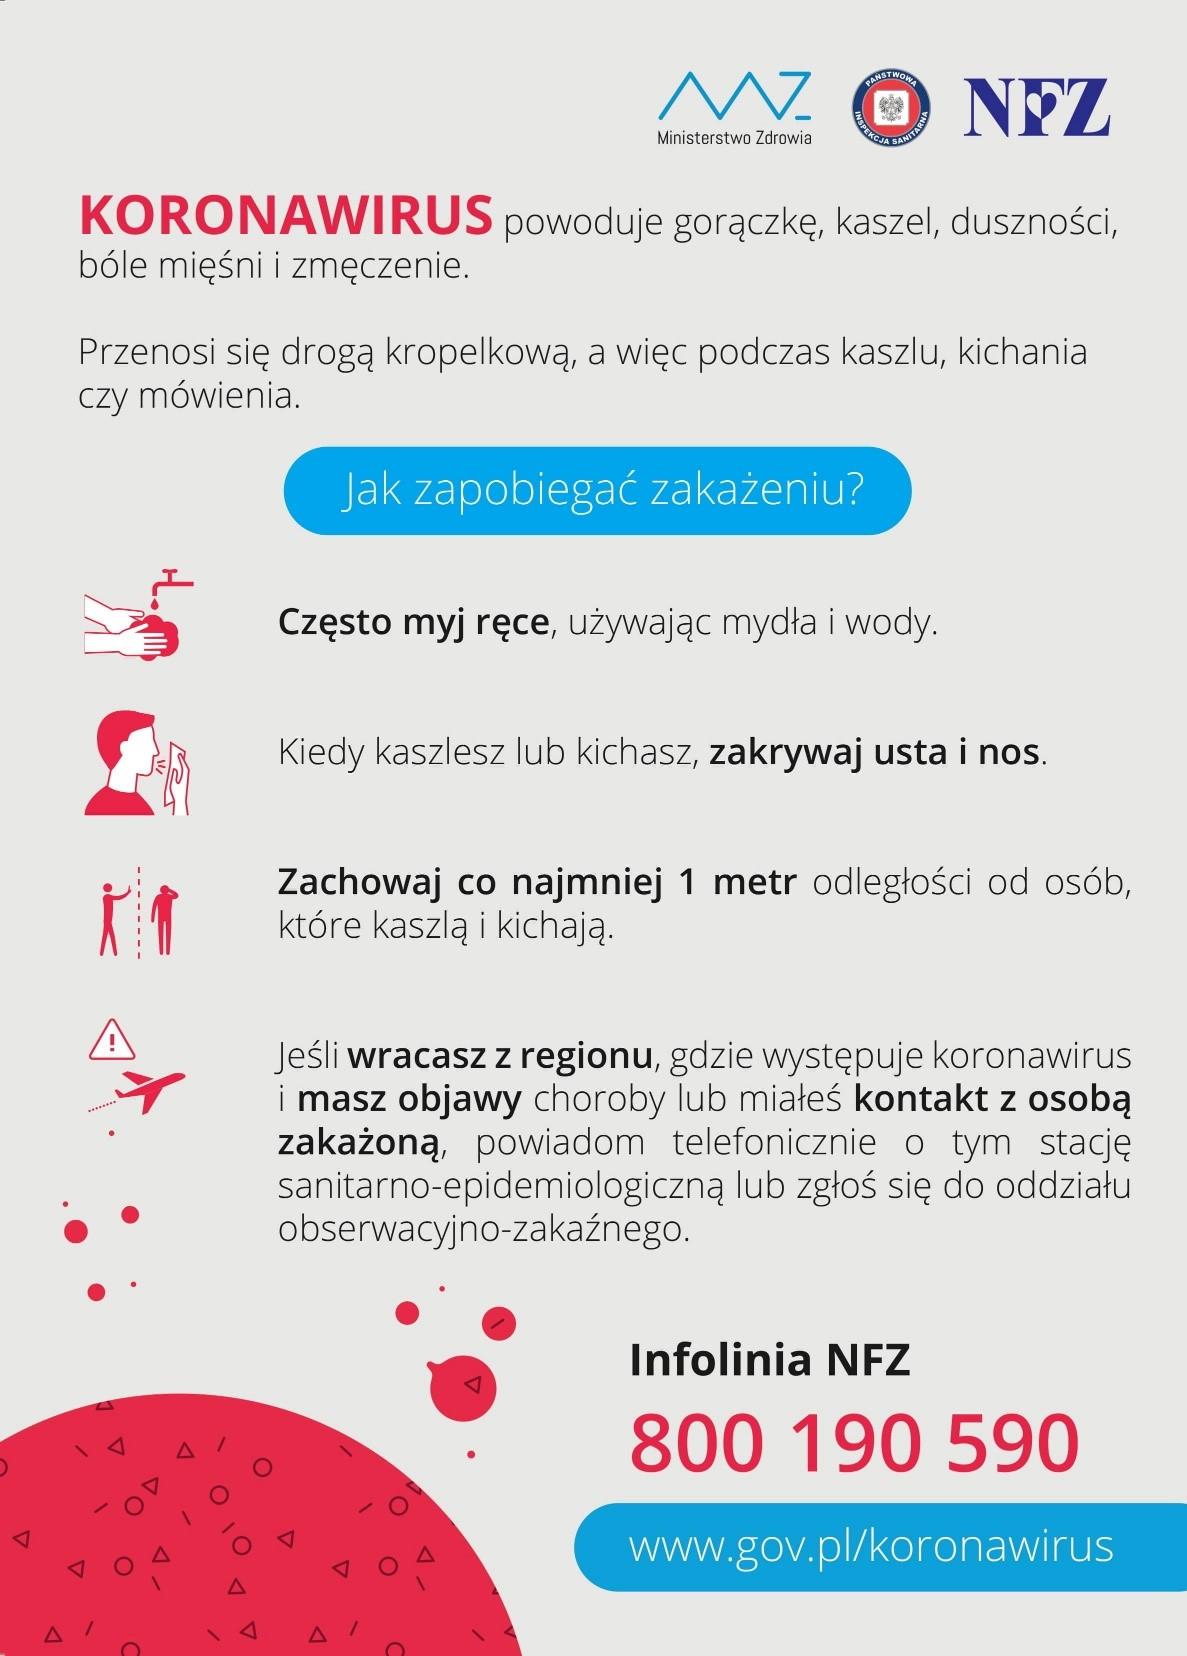 koronawirus jak zapobiegać zakażeniu